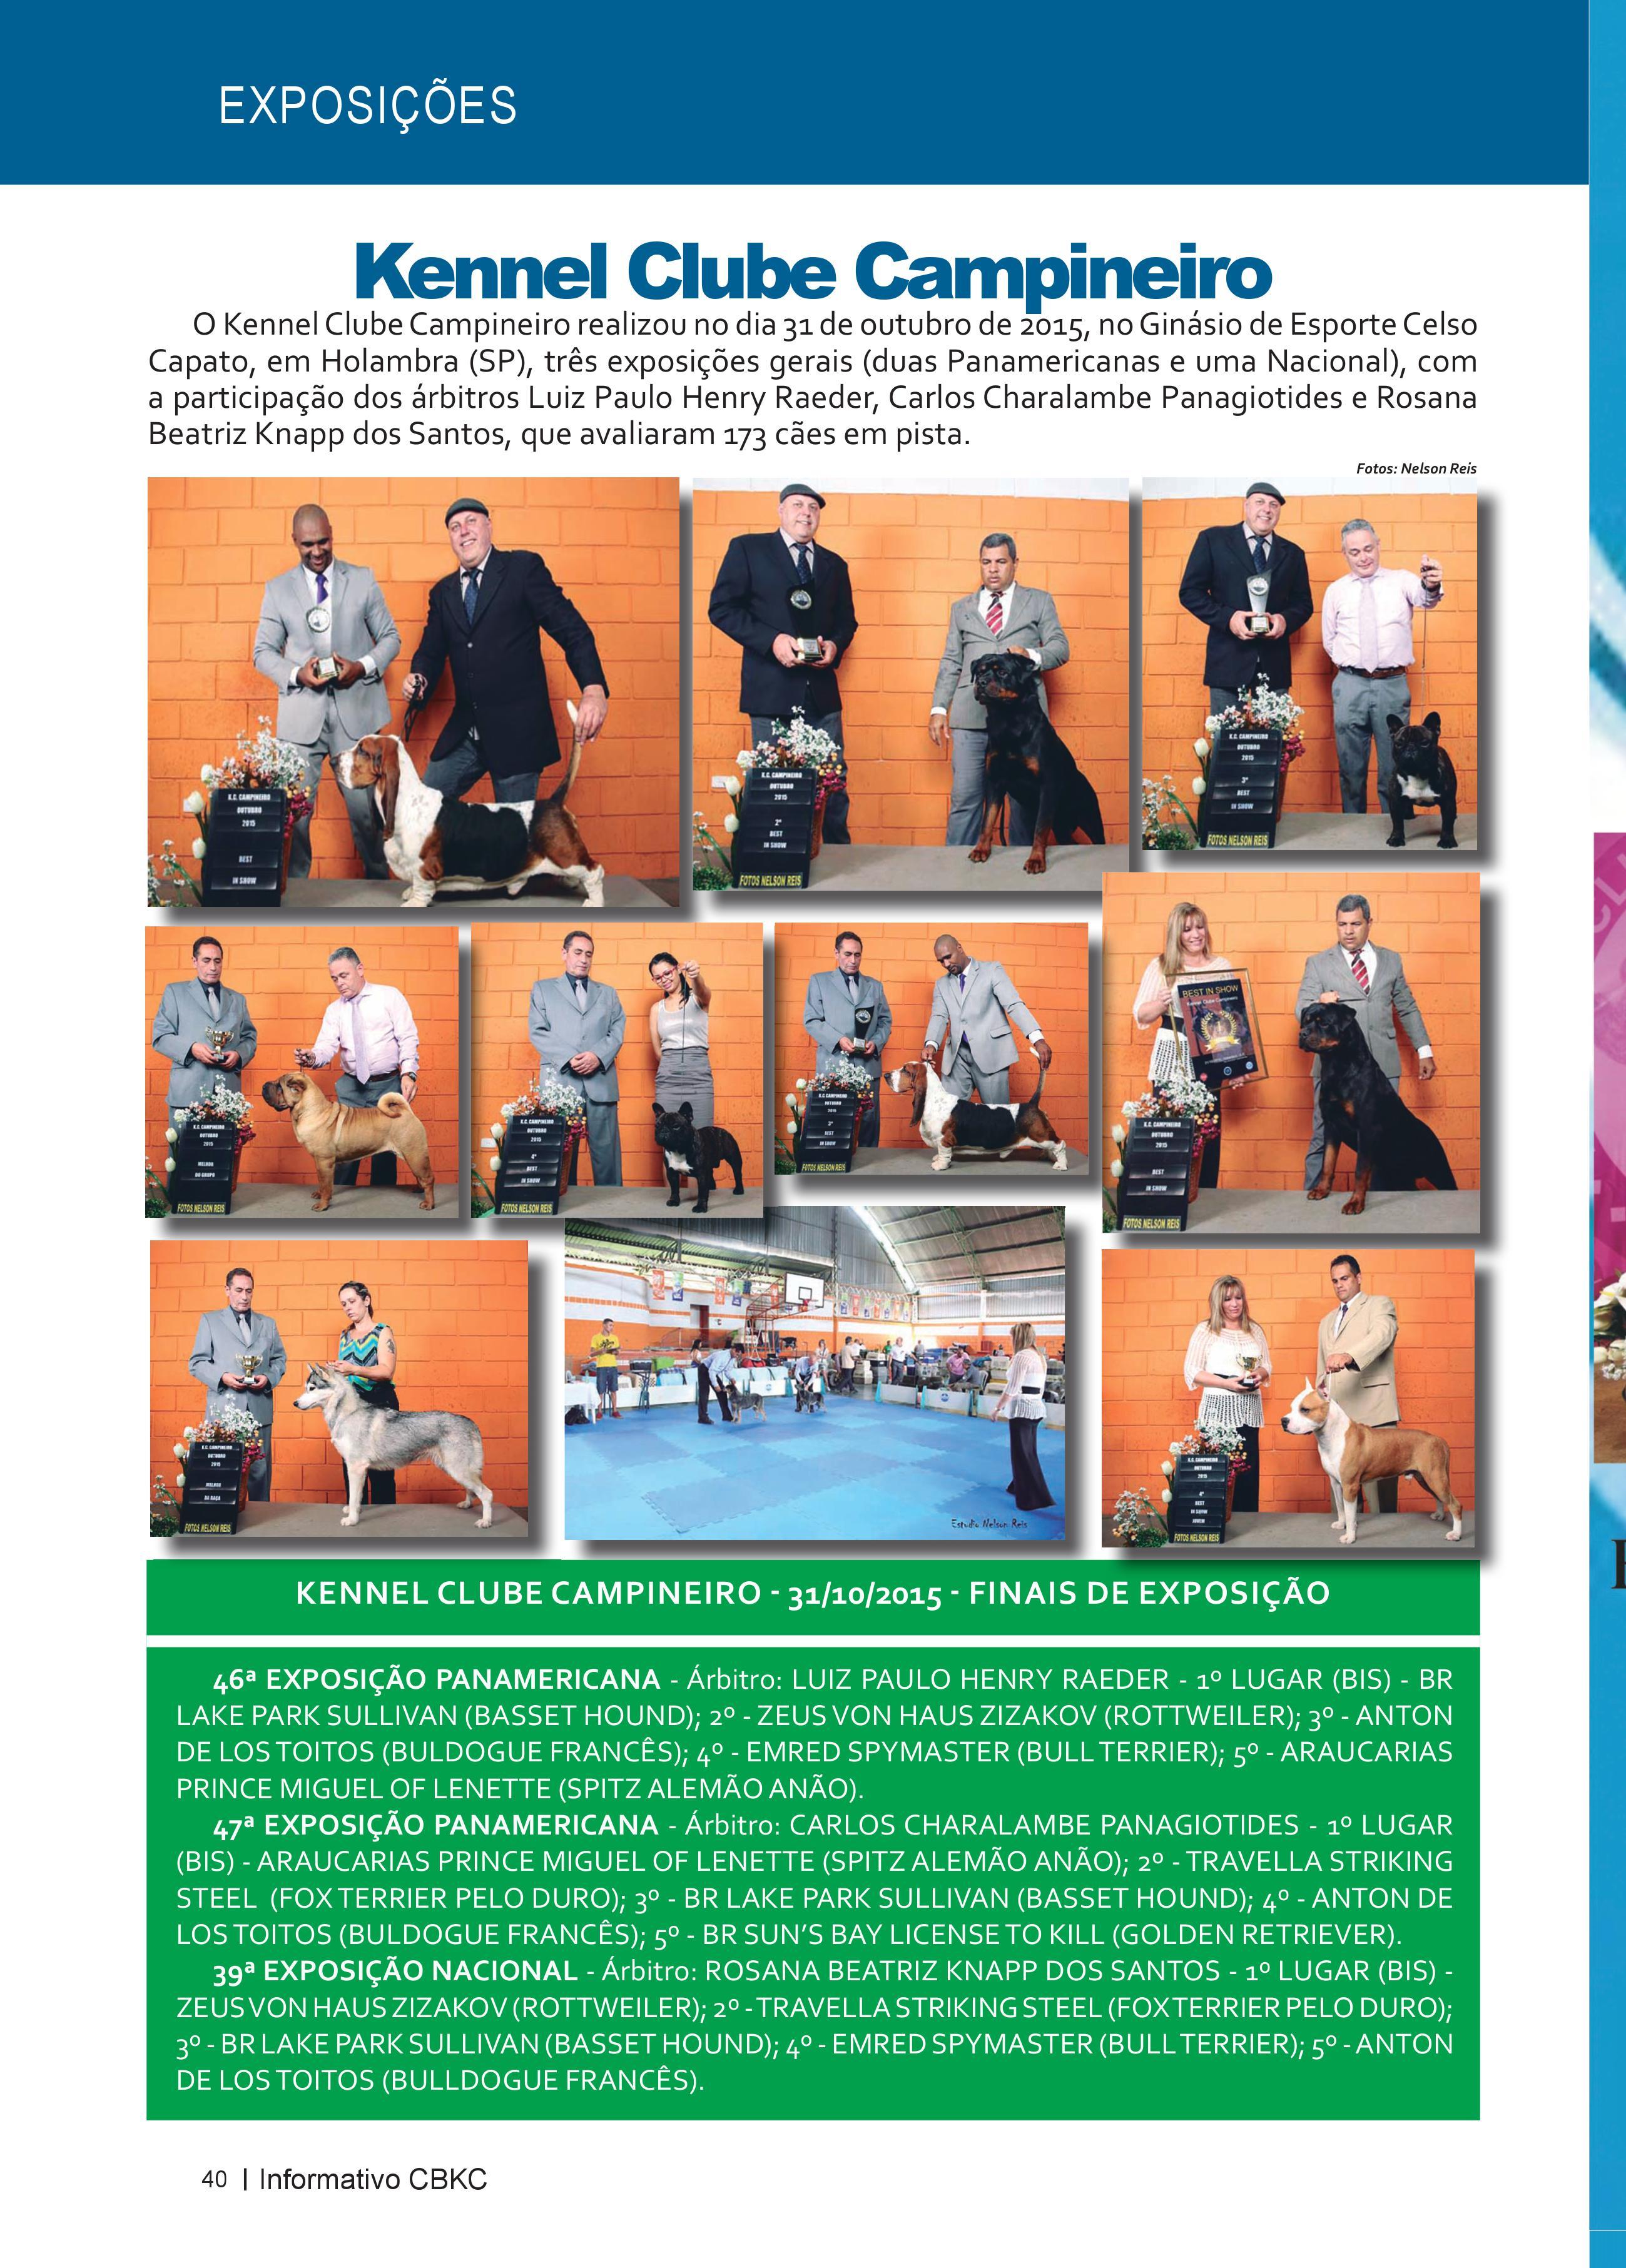 Pagina 40| Edição 51 do Informativo CBKC